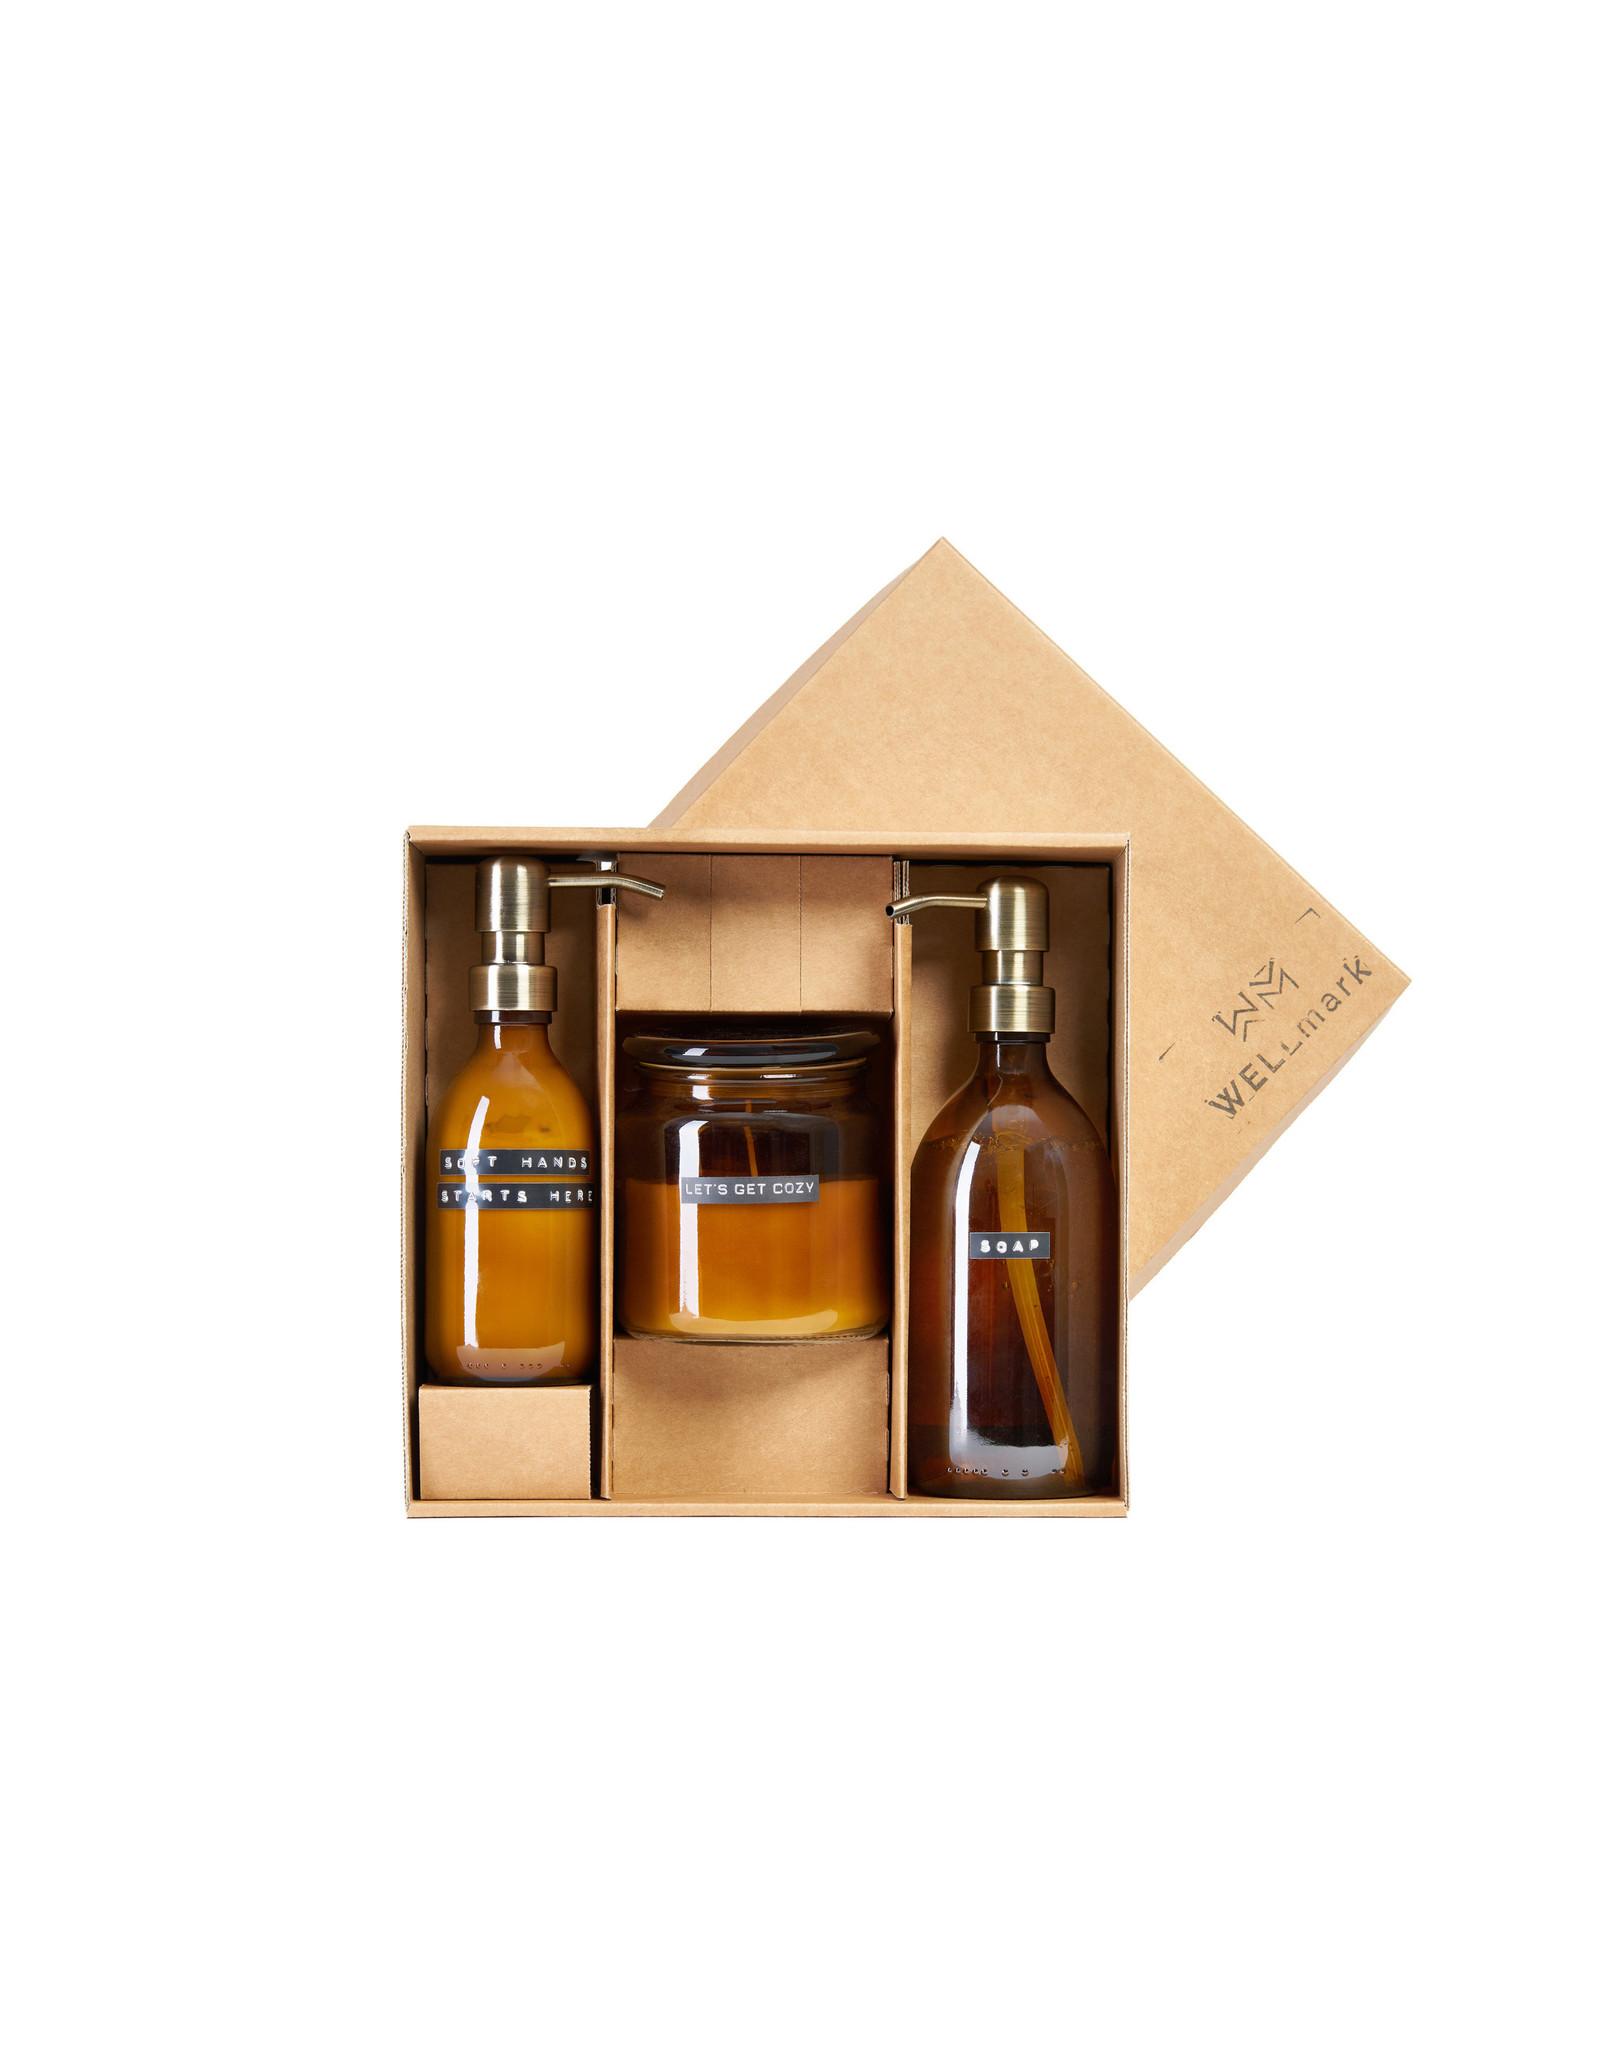 Giftbox 'Let's get cozy'